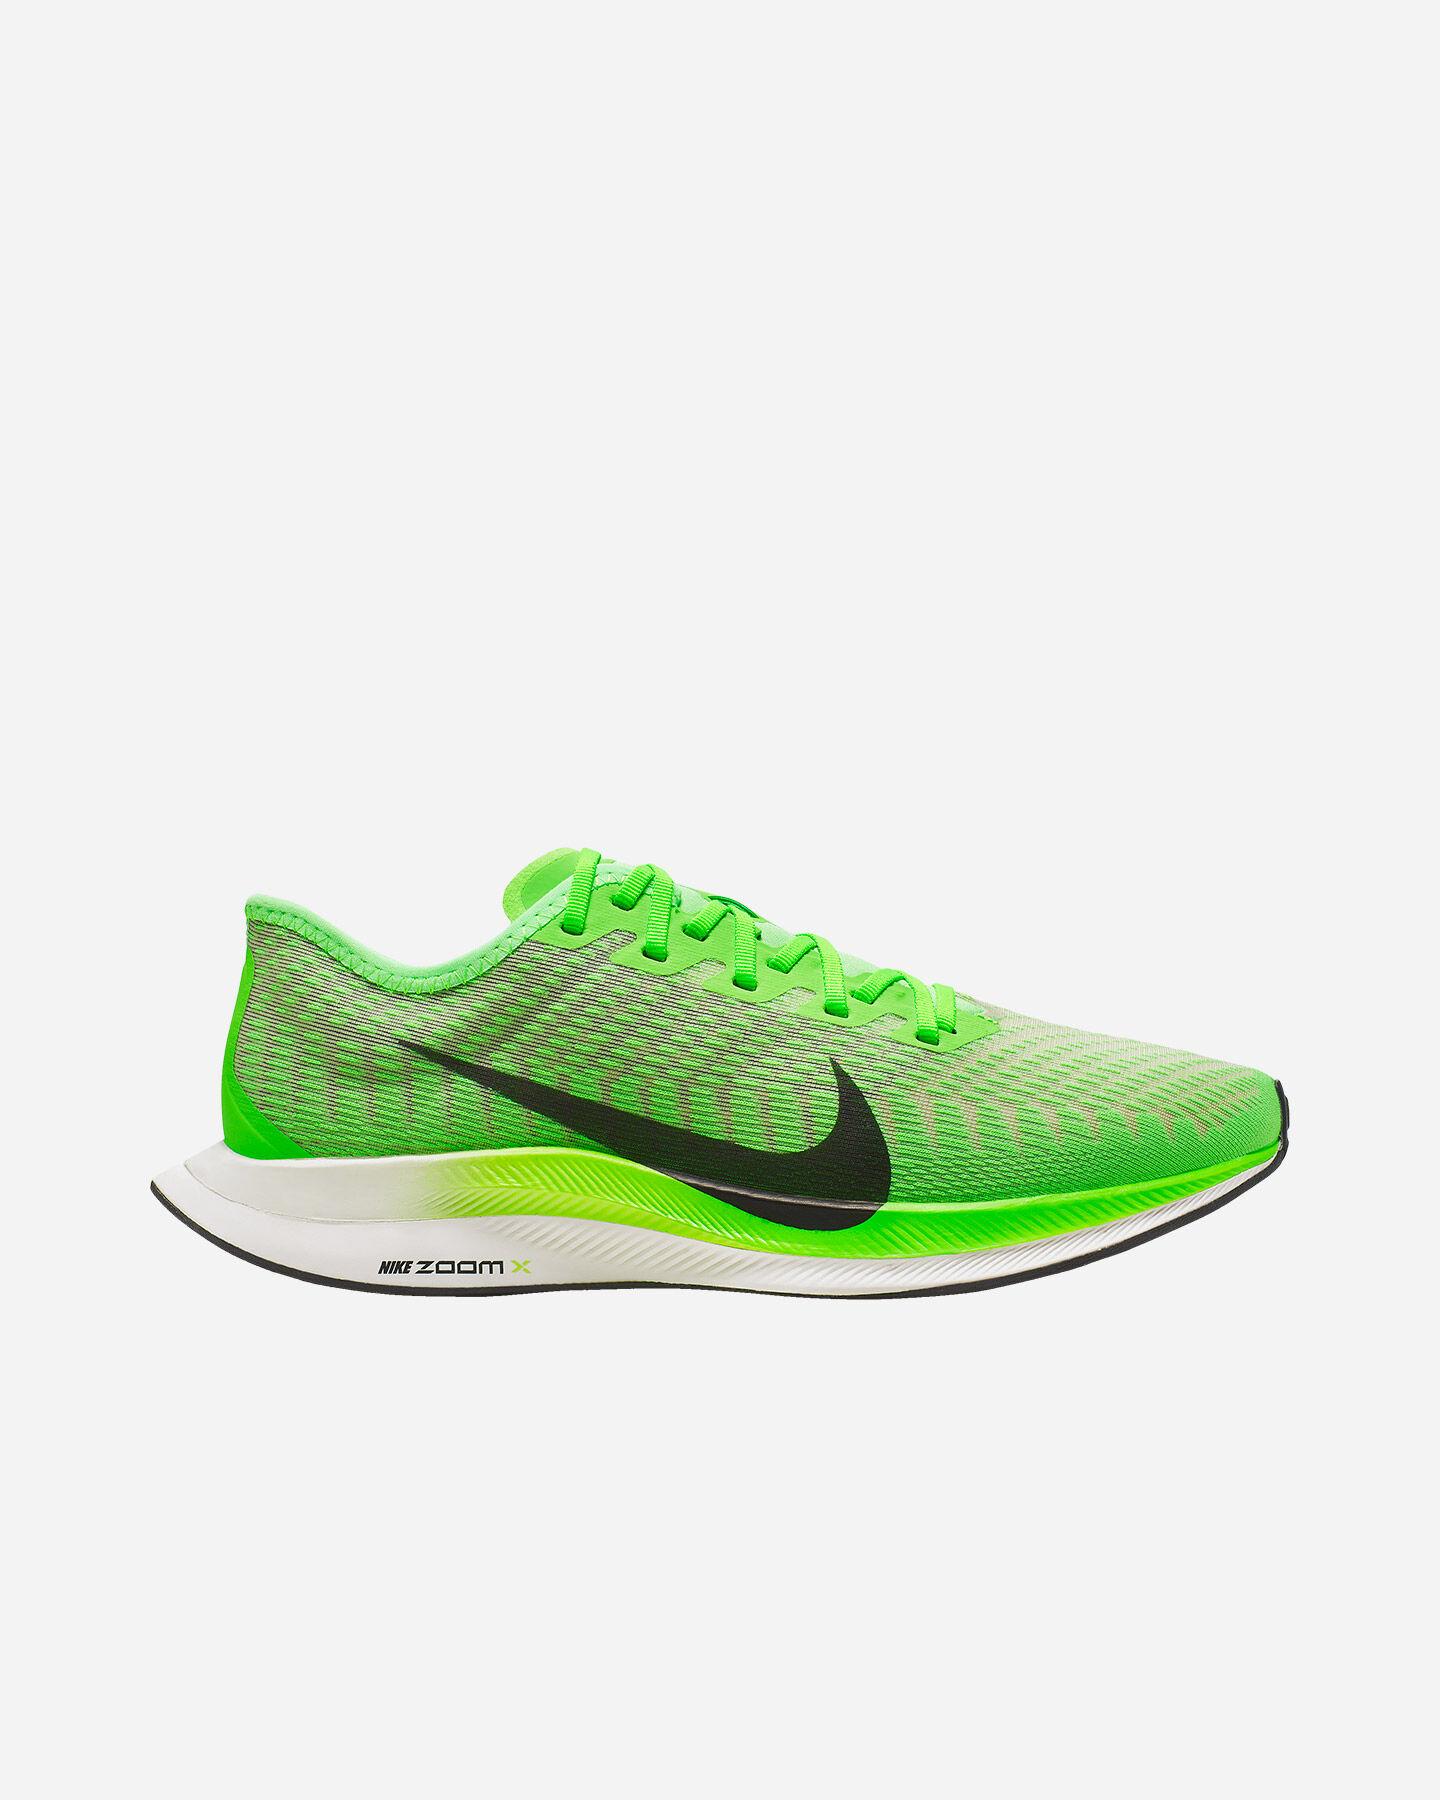 scarpe running nike pegasus uomo